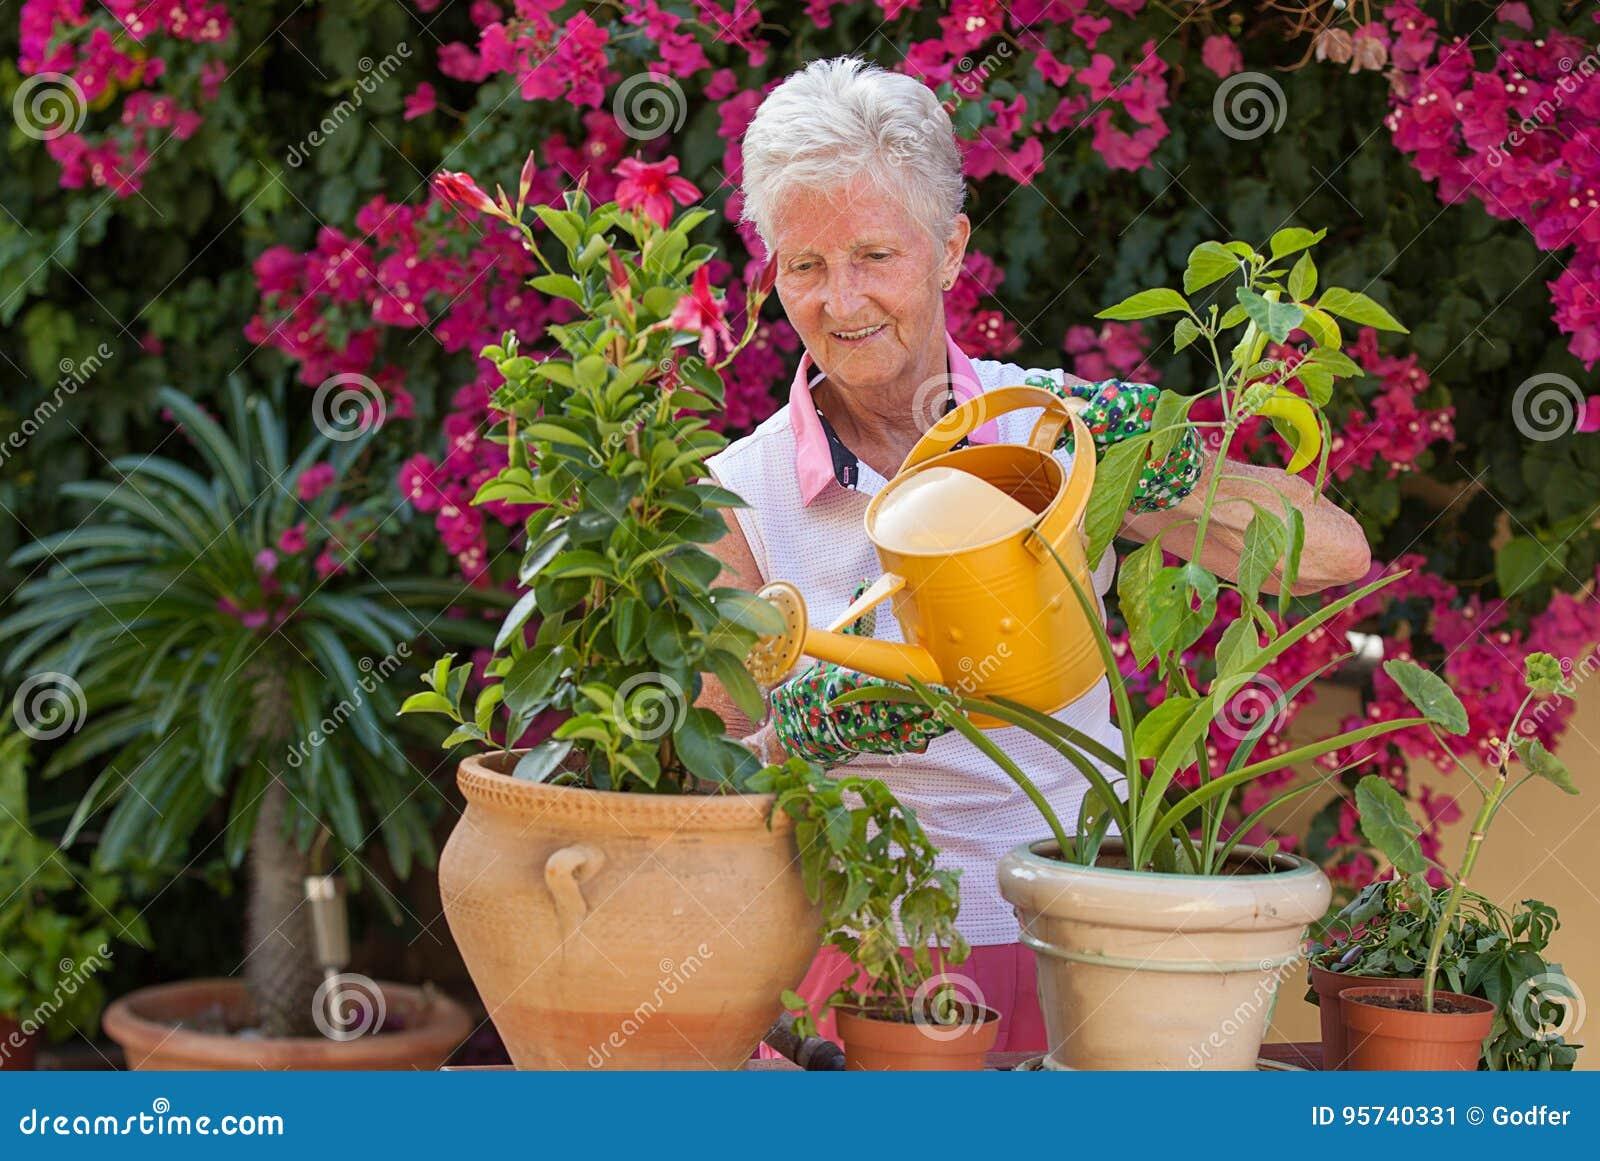 Usines d arrosage actives de jardinier de retraité